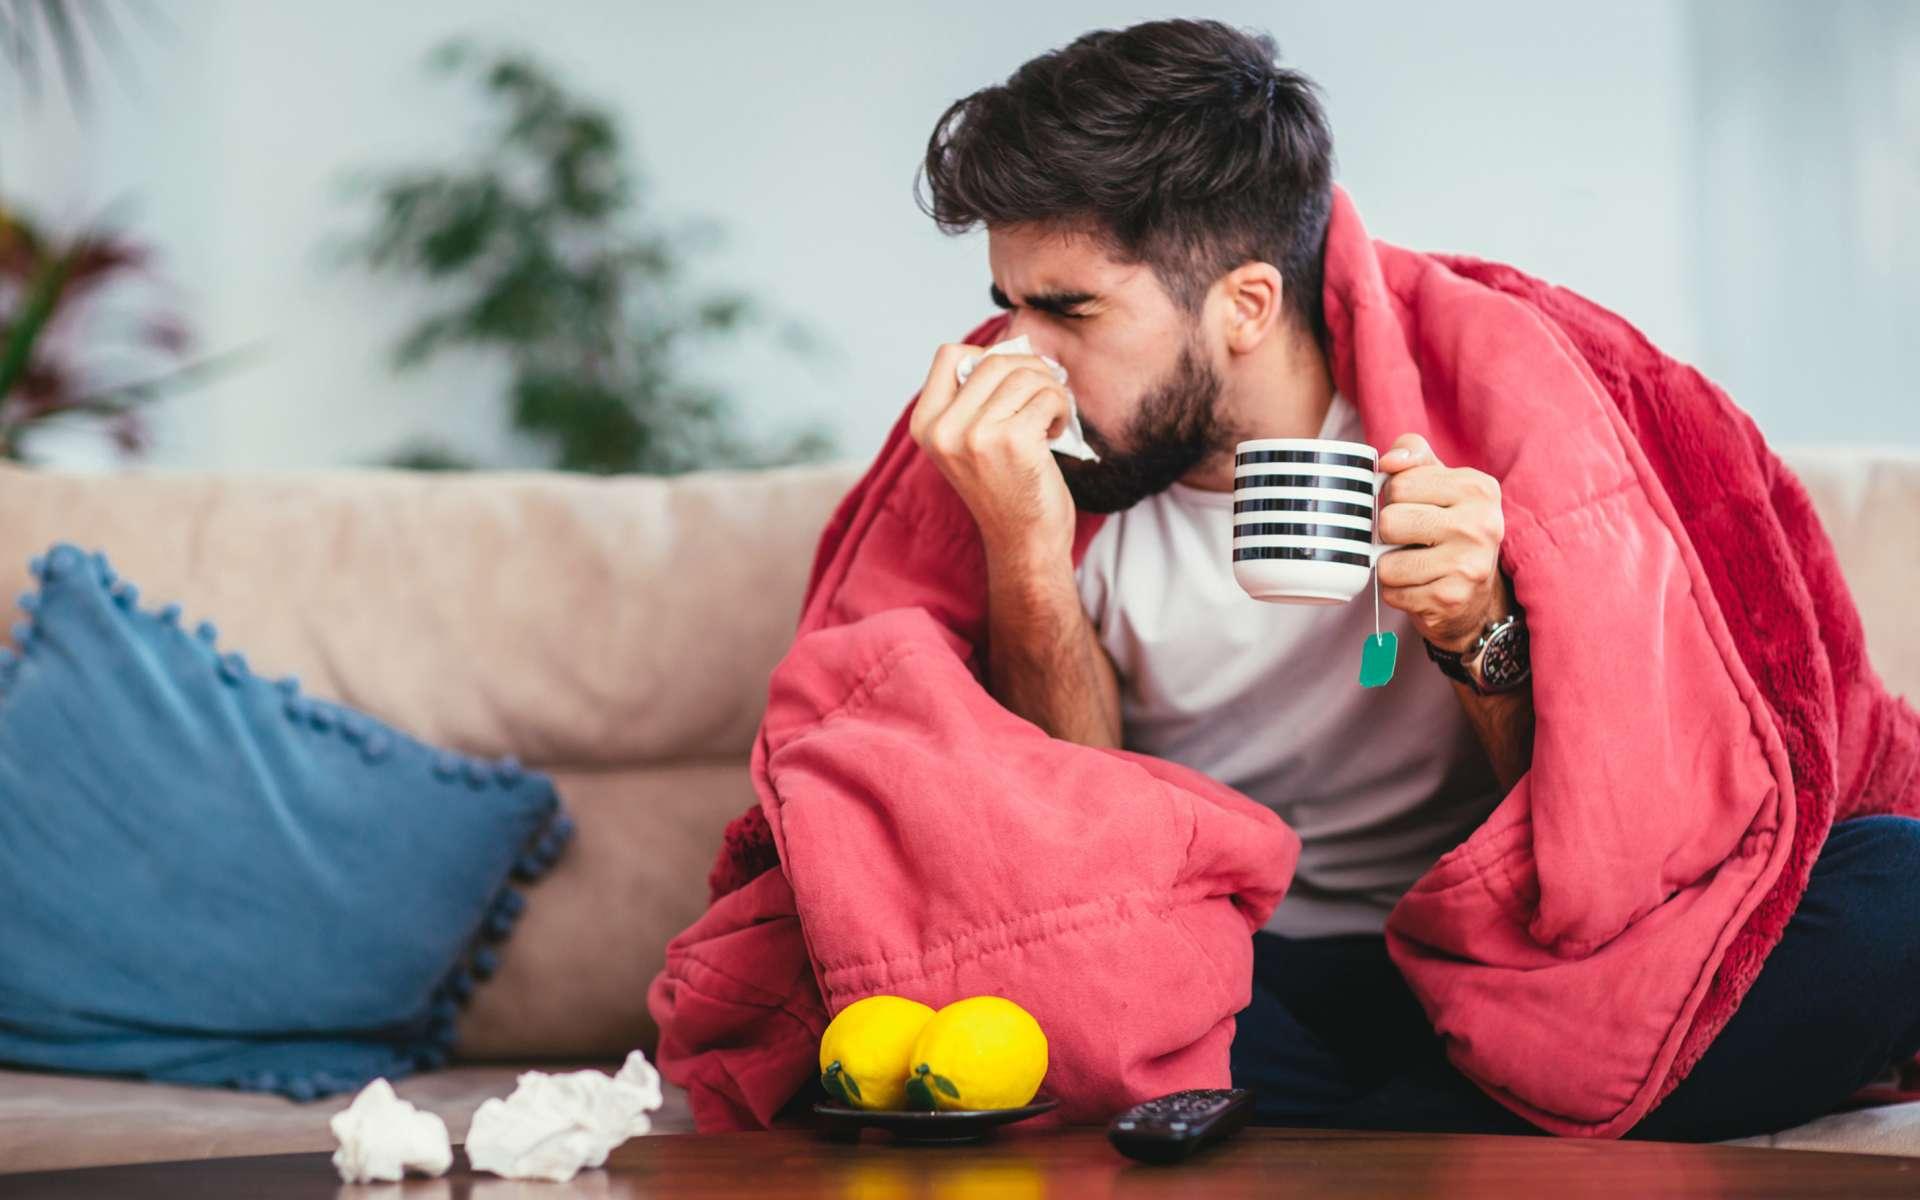 En 2017-2018, l'épidémie de grippe avait duré quatre mois et avait causé quelque 13.000 décès pour 2,4 millions de consultations. © Jovanmandic, IStock.com